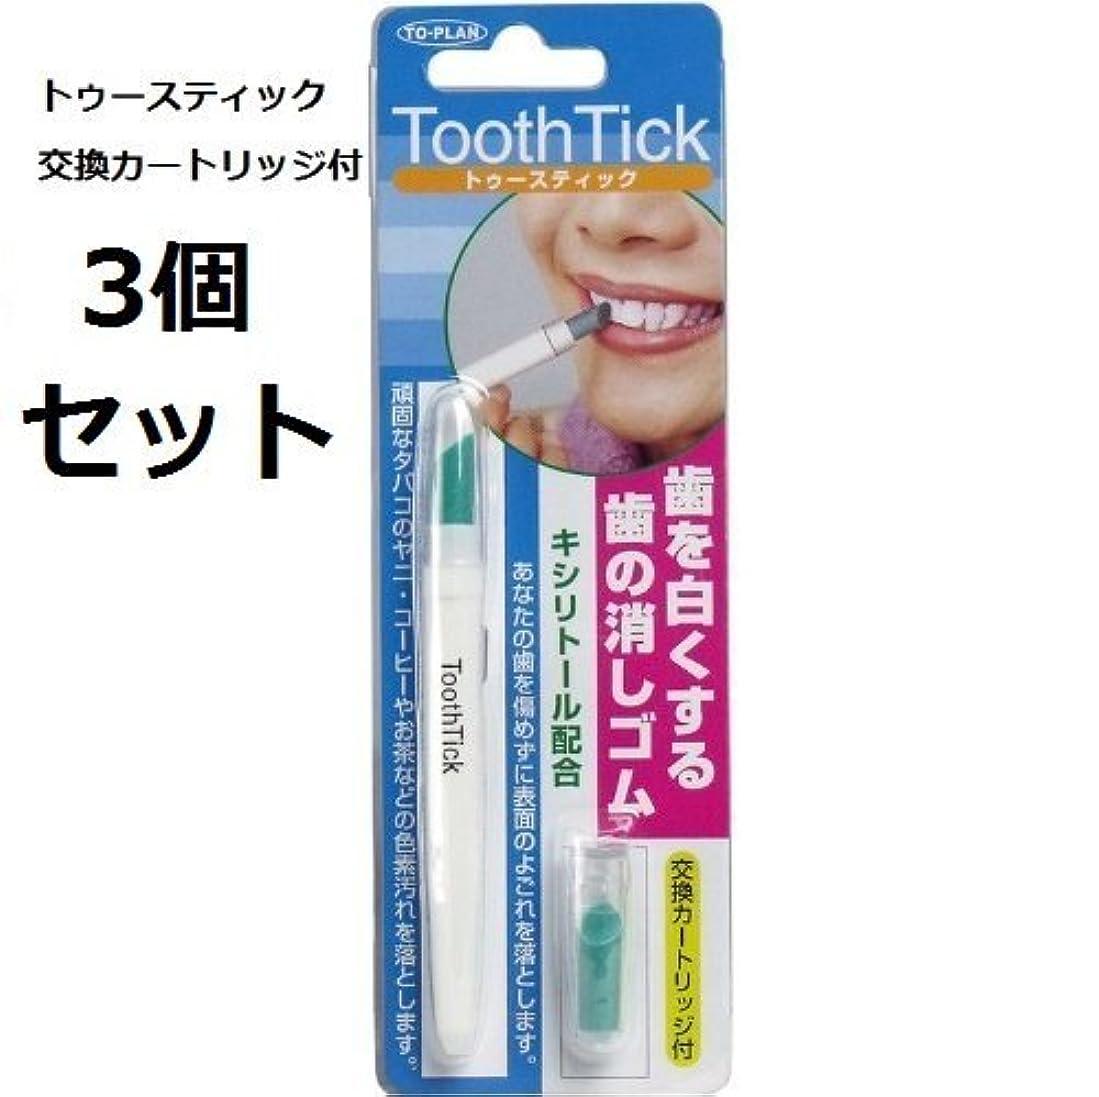 落ちた突撃オアシス歯を白くする歯の消しゴム トゥースティック 交換カートリッジ付 3個セット